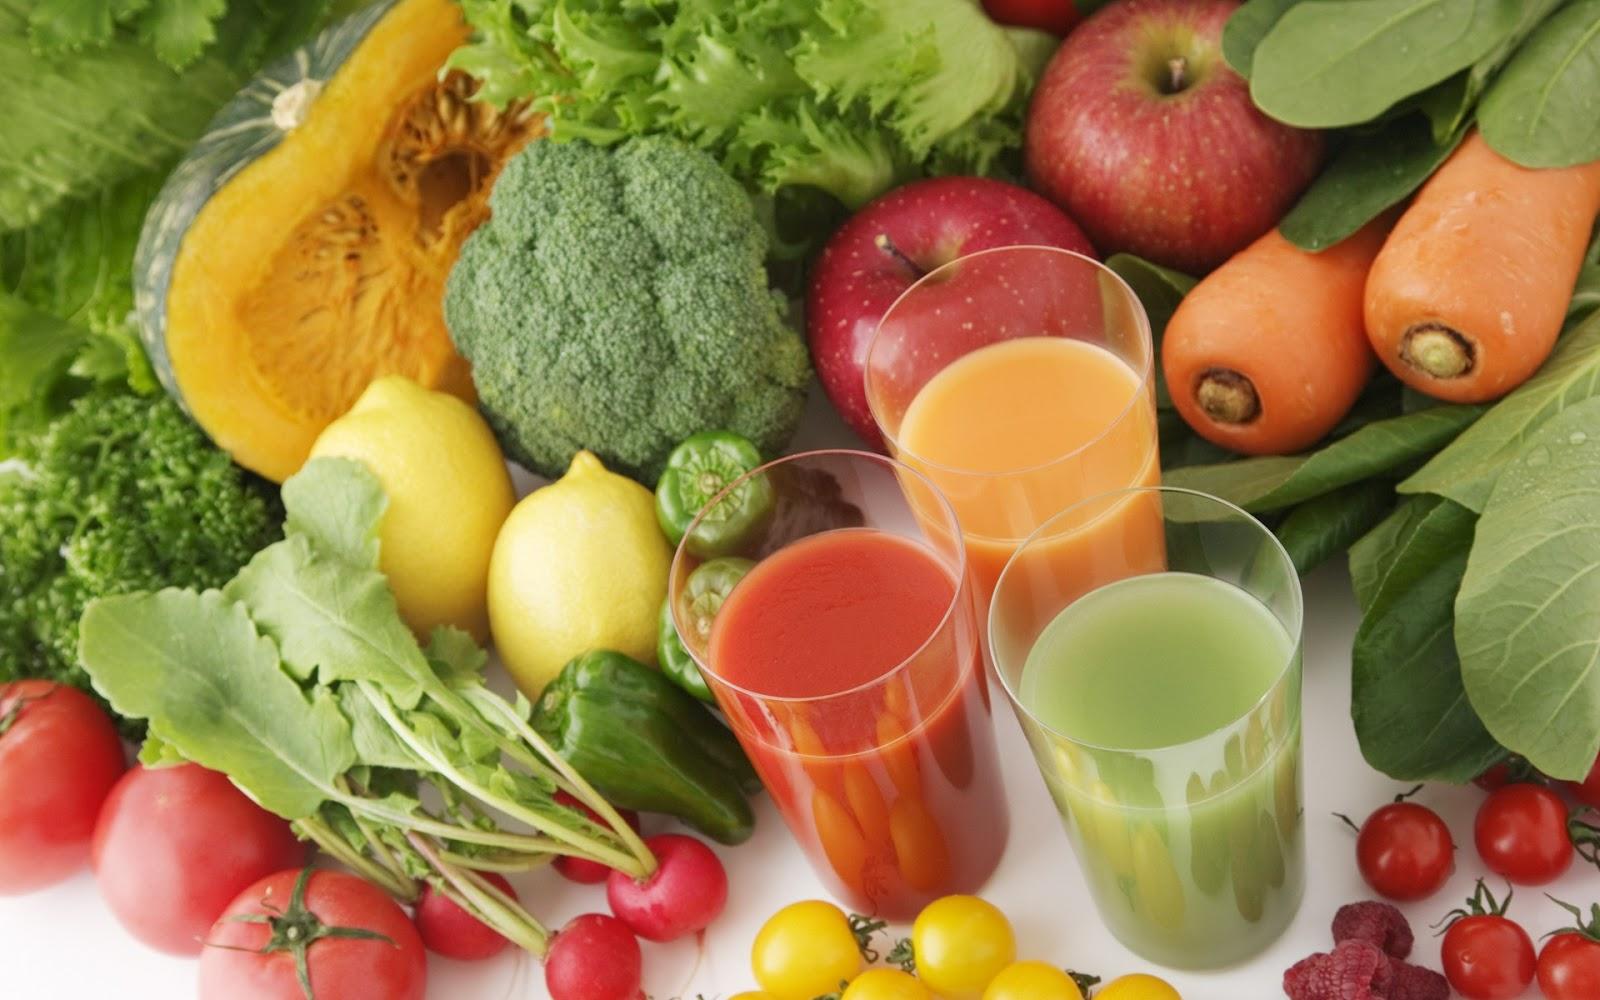 Resep jus sayur dan buah untuk diet Paling Sehat dan Manjur